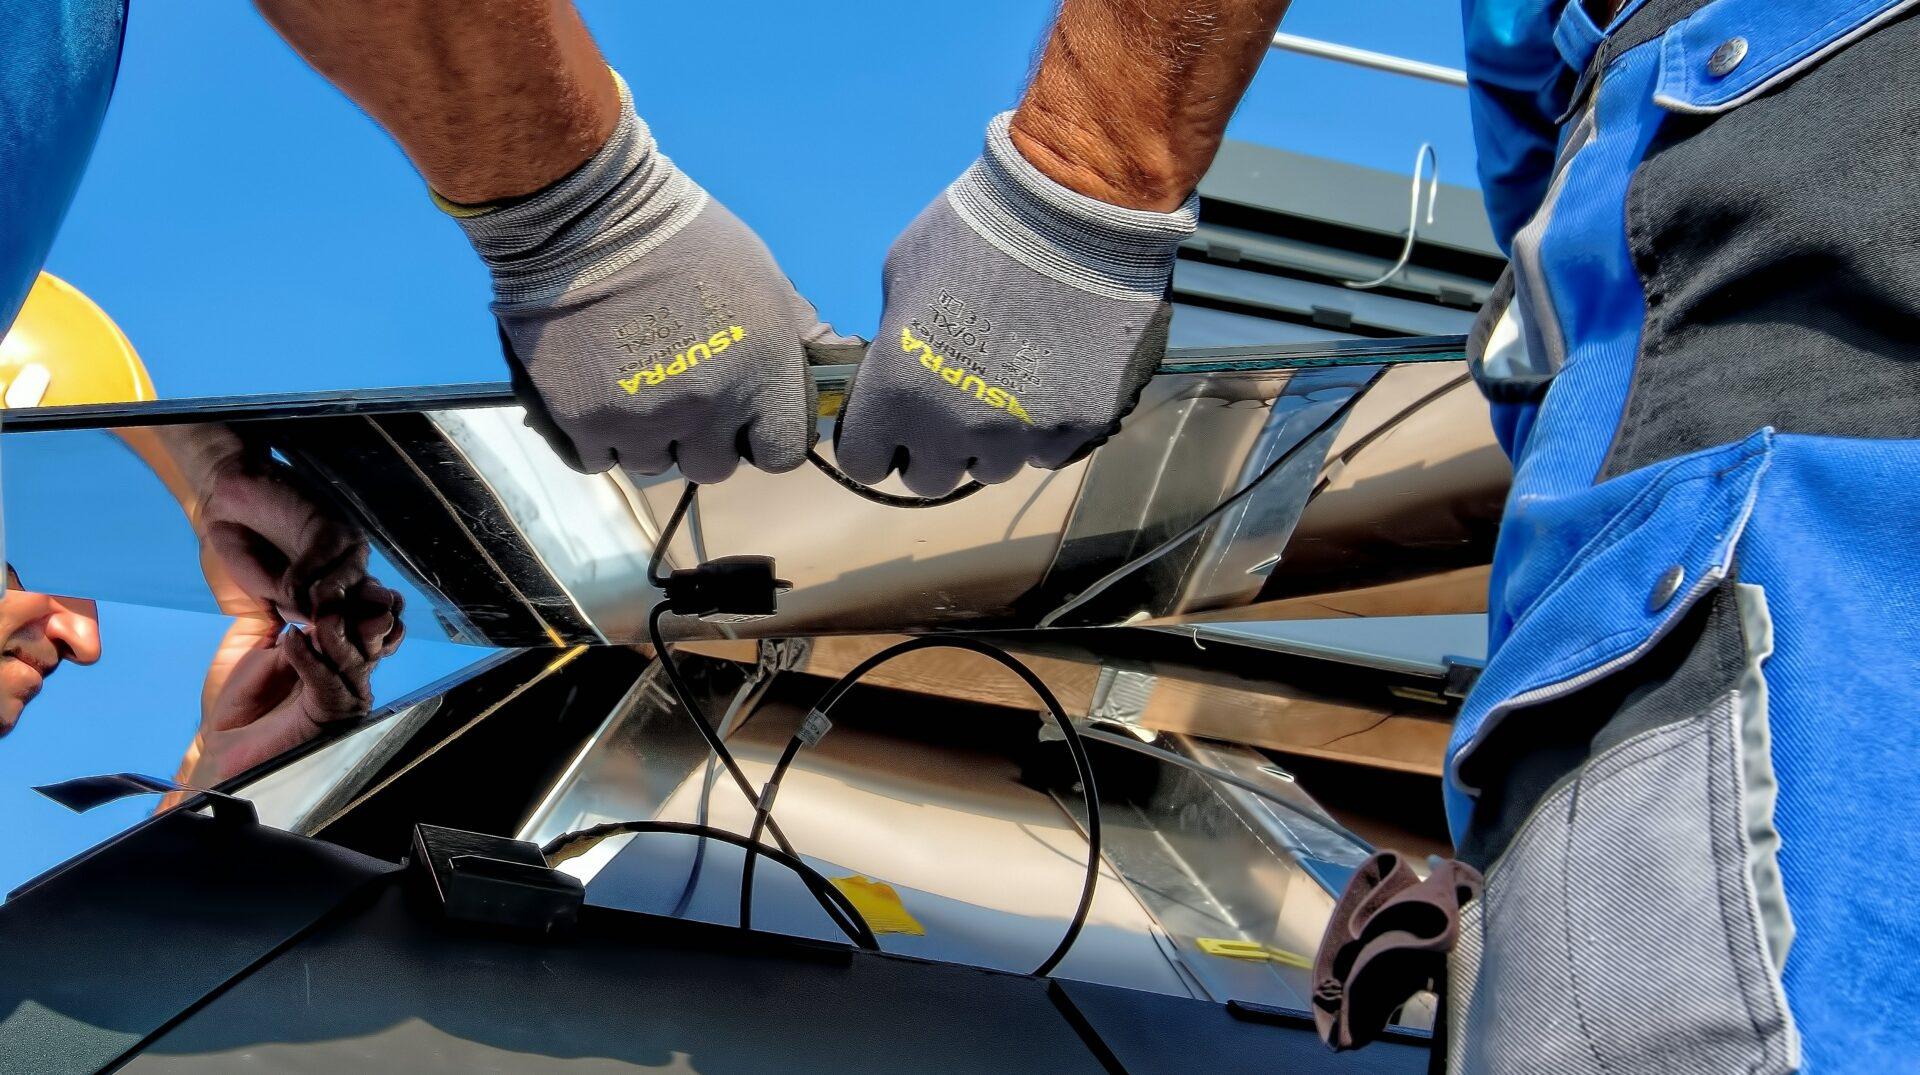 sunelektro | zonnepanelen | elektriciteitswerken | domotica | verlichting | eco kachels | laadpalen | opslagsystemen | energiemanagement